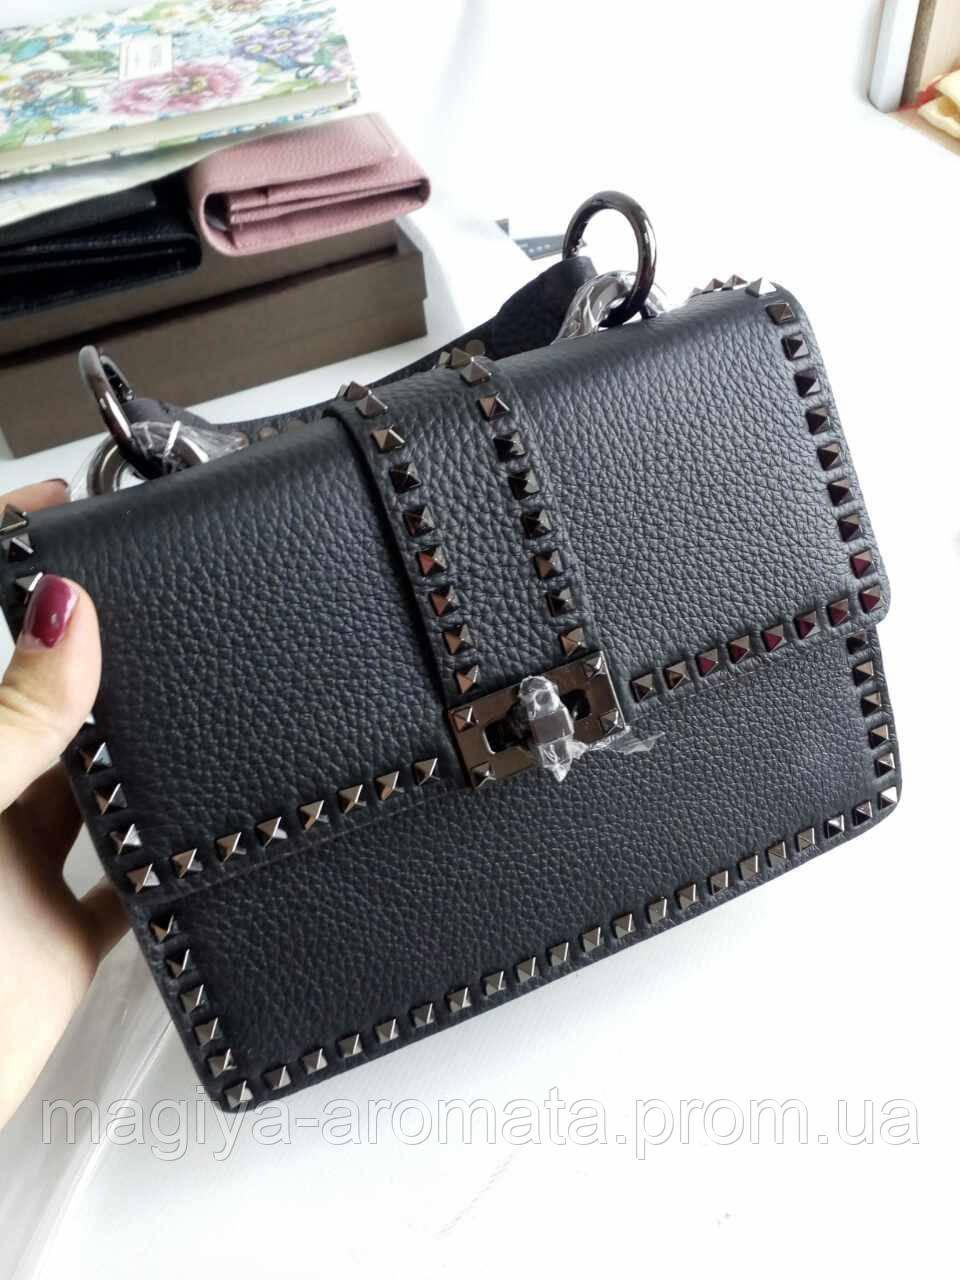 98d29adf72e2 Женская сумка Valentino Шикарная кожаная брендовая сумочка.лучшая в инете -  Магия Аромата - Парфюмерия